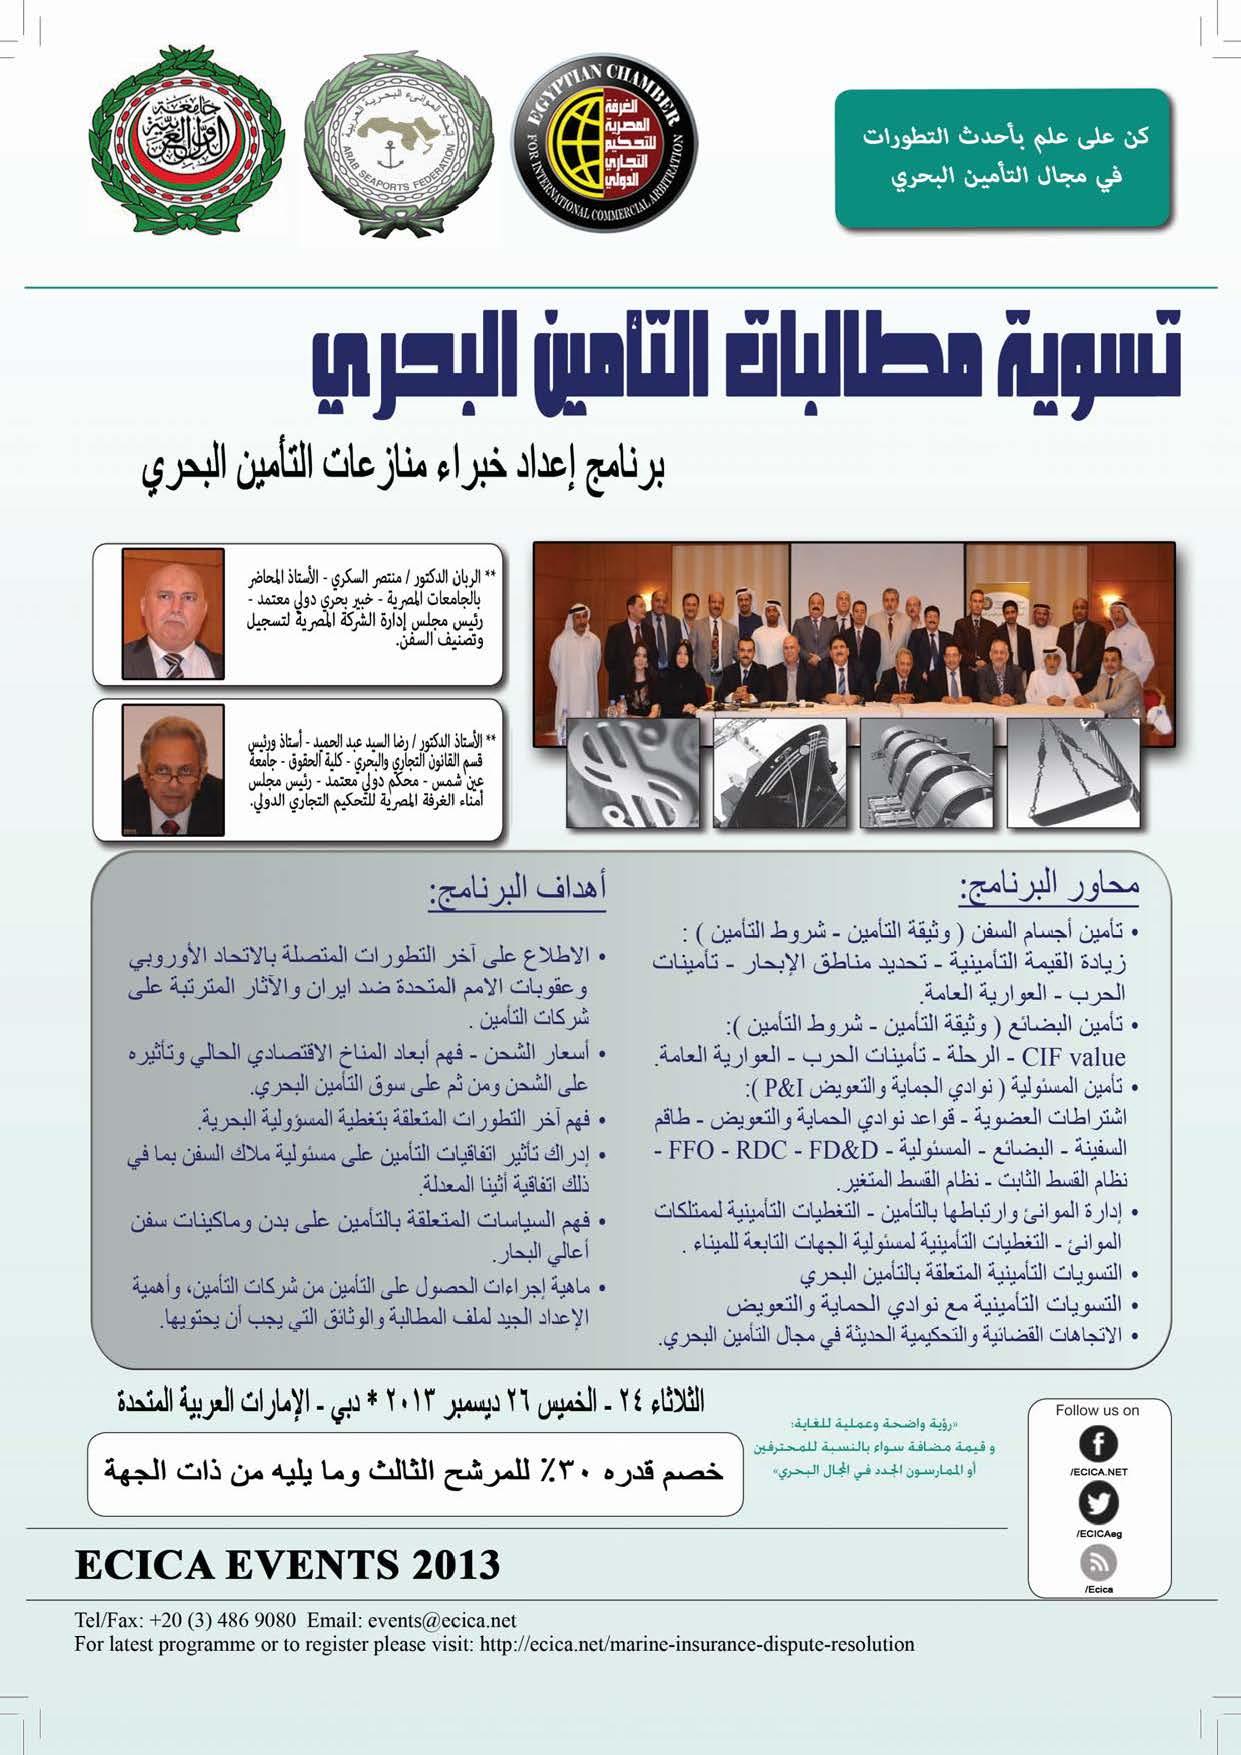 برنامج إعداد خبراء تسوية منازعات التأمين البحري | دبي : 28 - 30  يناير 2014